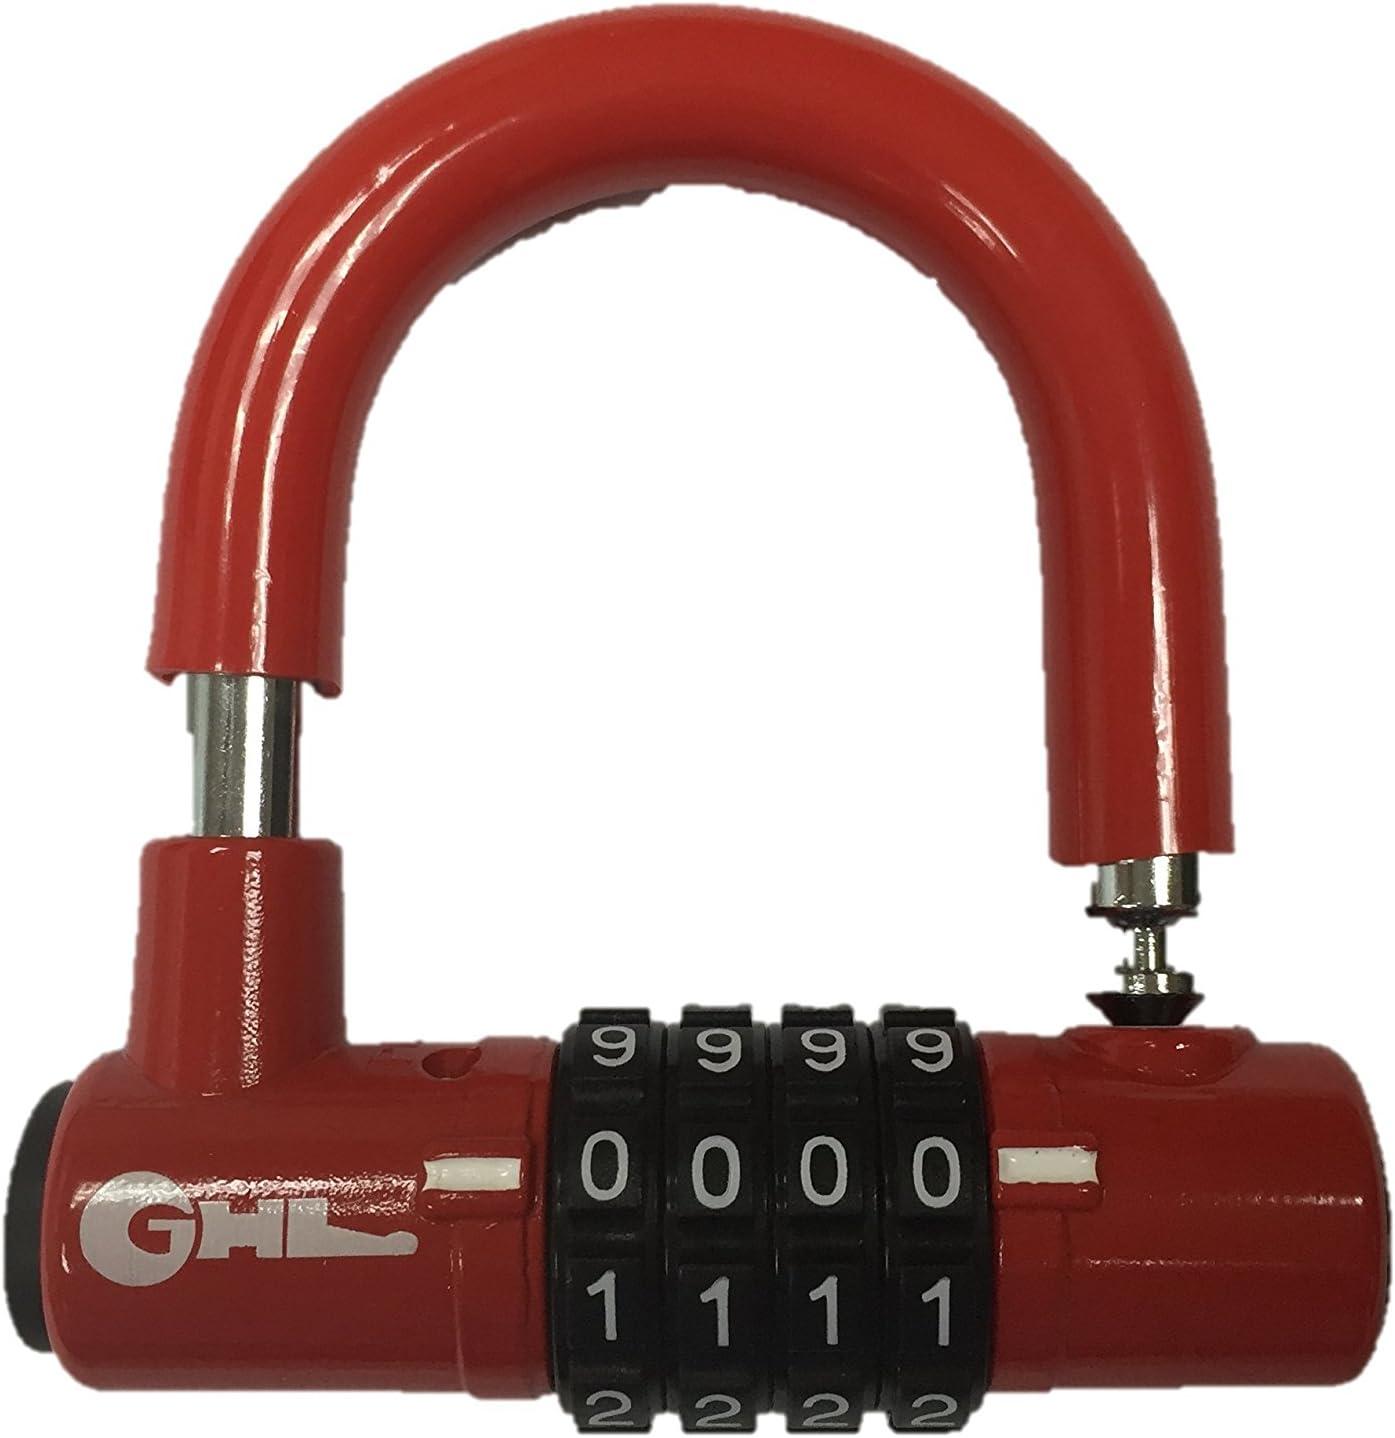 Kurtzy Antivol en U 160mm à Code 4 Chiffres Cadenas pour Usage Extérieur et I